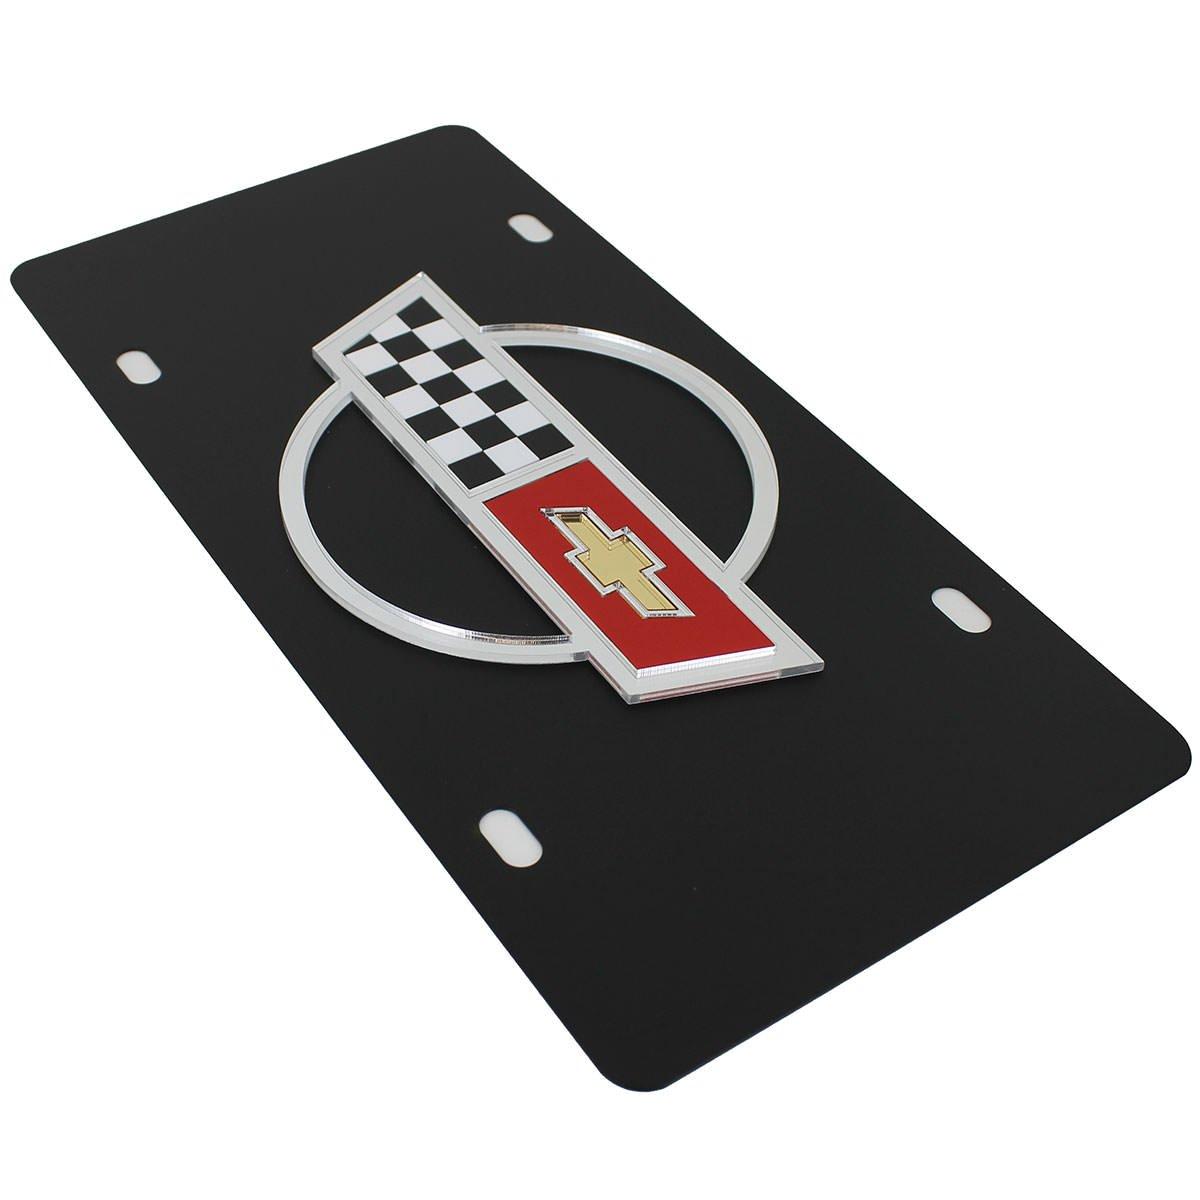 Chevrolet Corvette C4 Flags License Plate on Black Steel